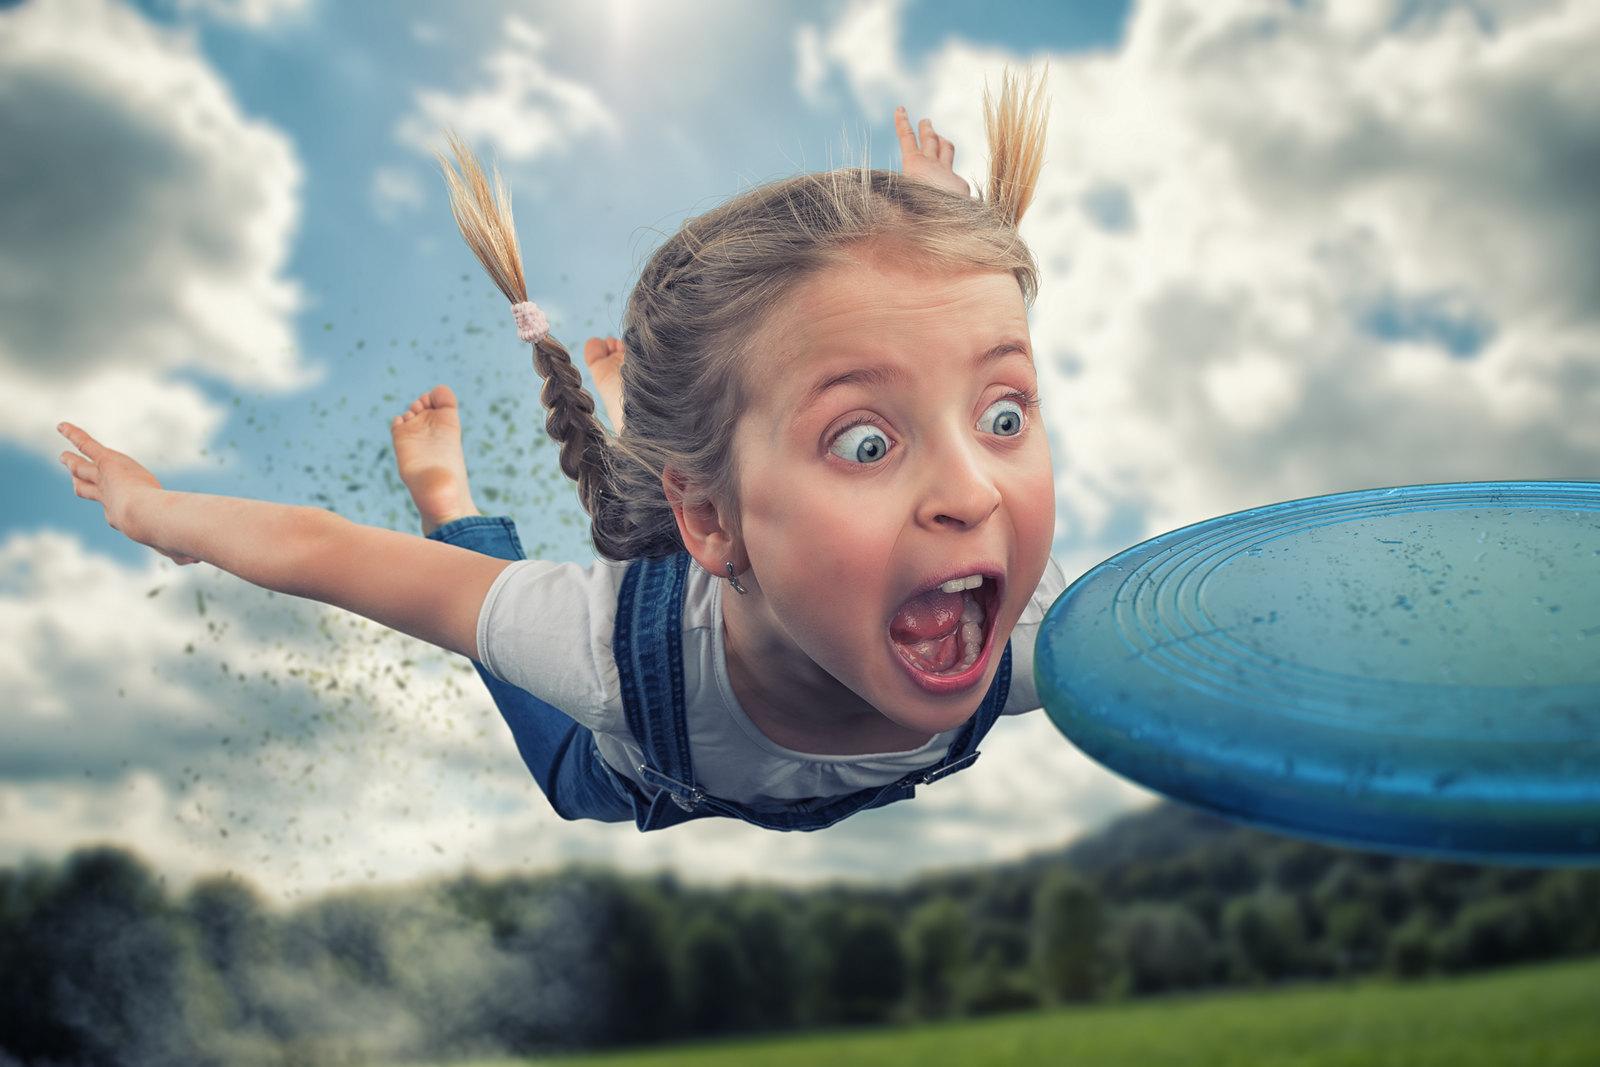 Un tată creativ realizează aceste fotografii geniale împreună cu copiii săi